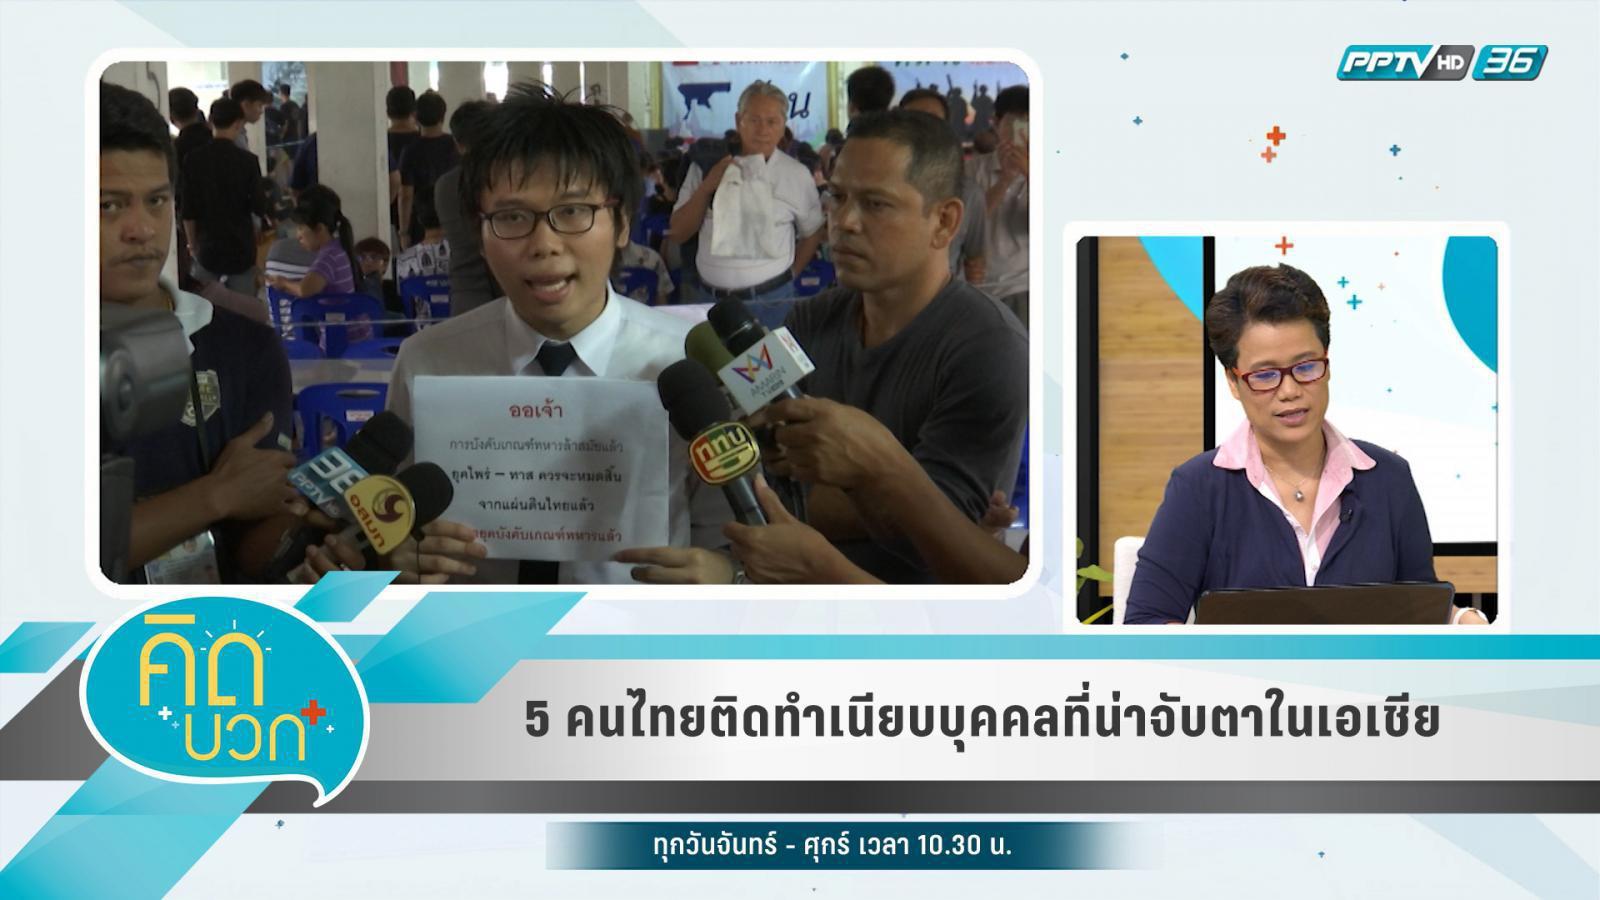 5 คนไทยติดทำเนียบบุคคลที่น่าจับตาในเอเชีย